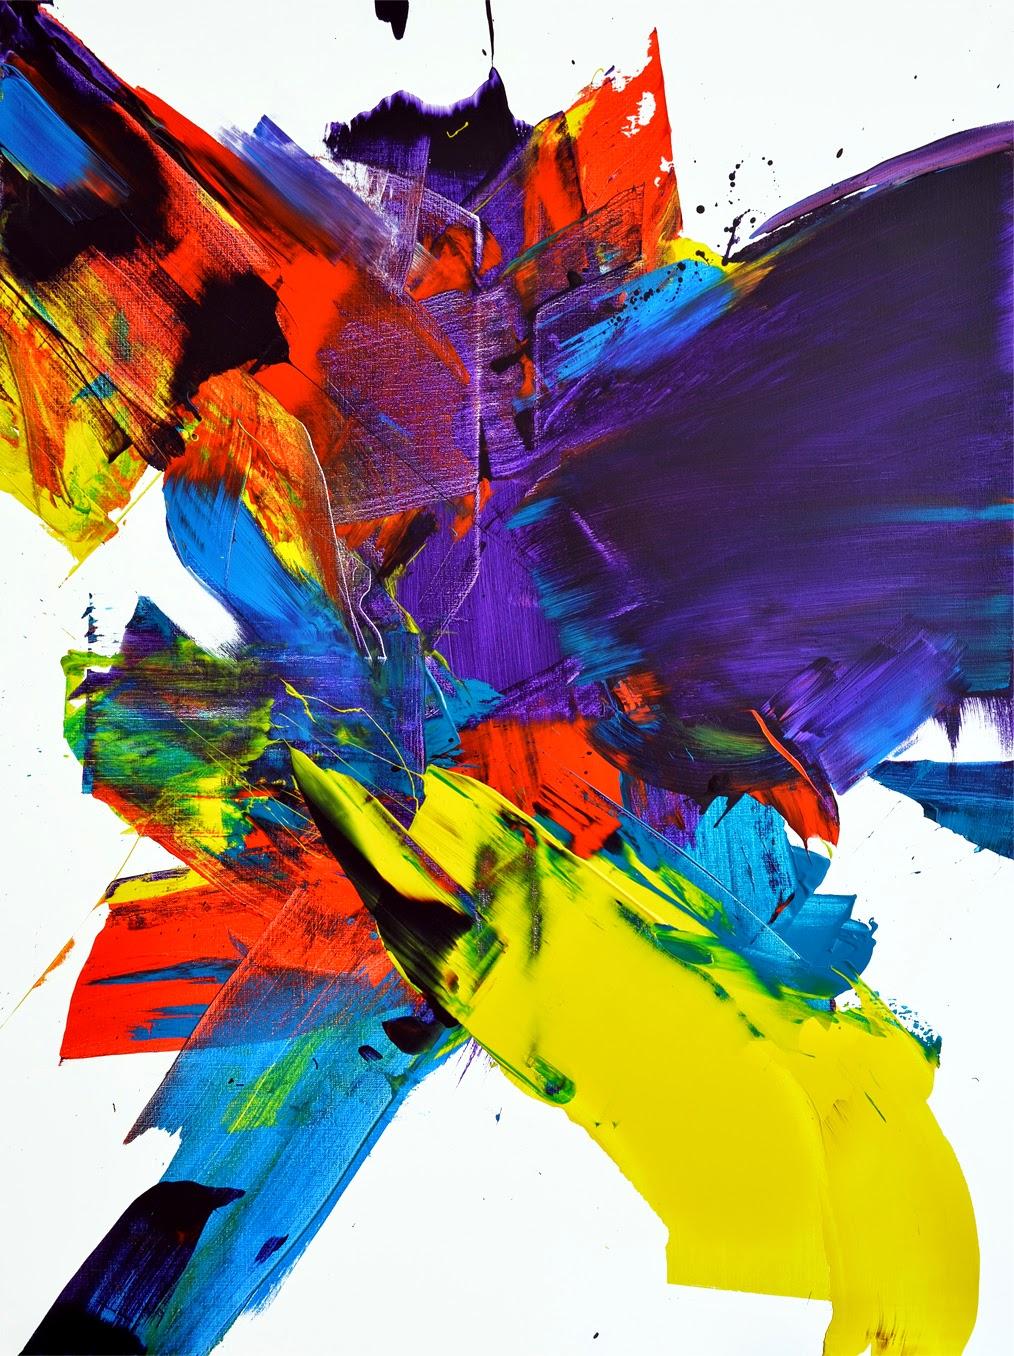 jbb artiste peintre bordeaux abstraction dynamisme